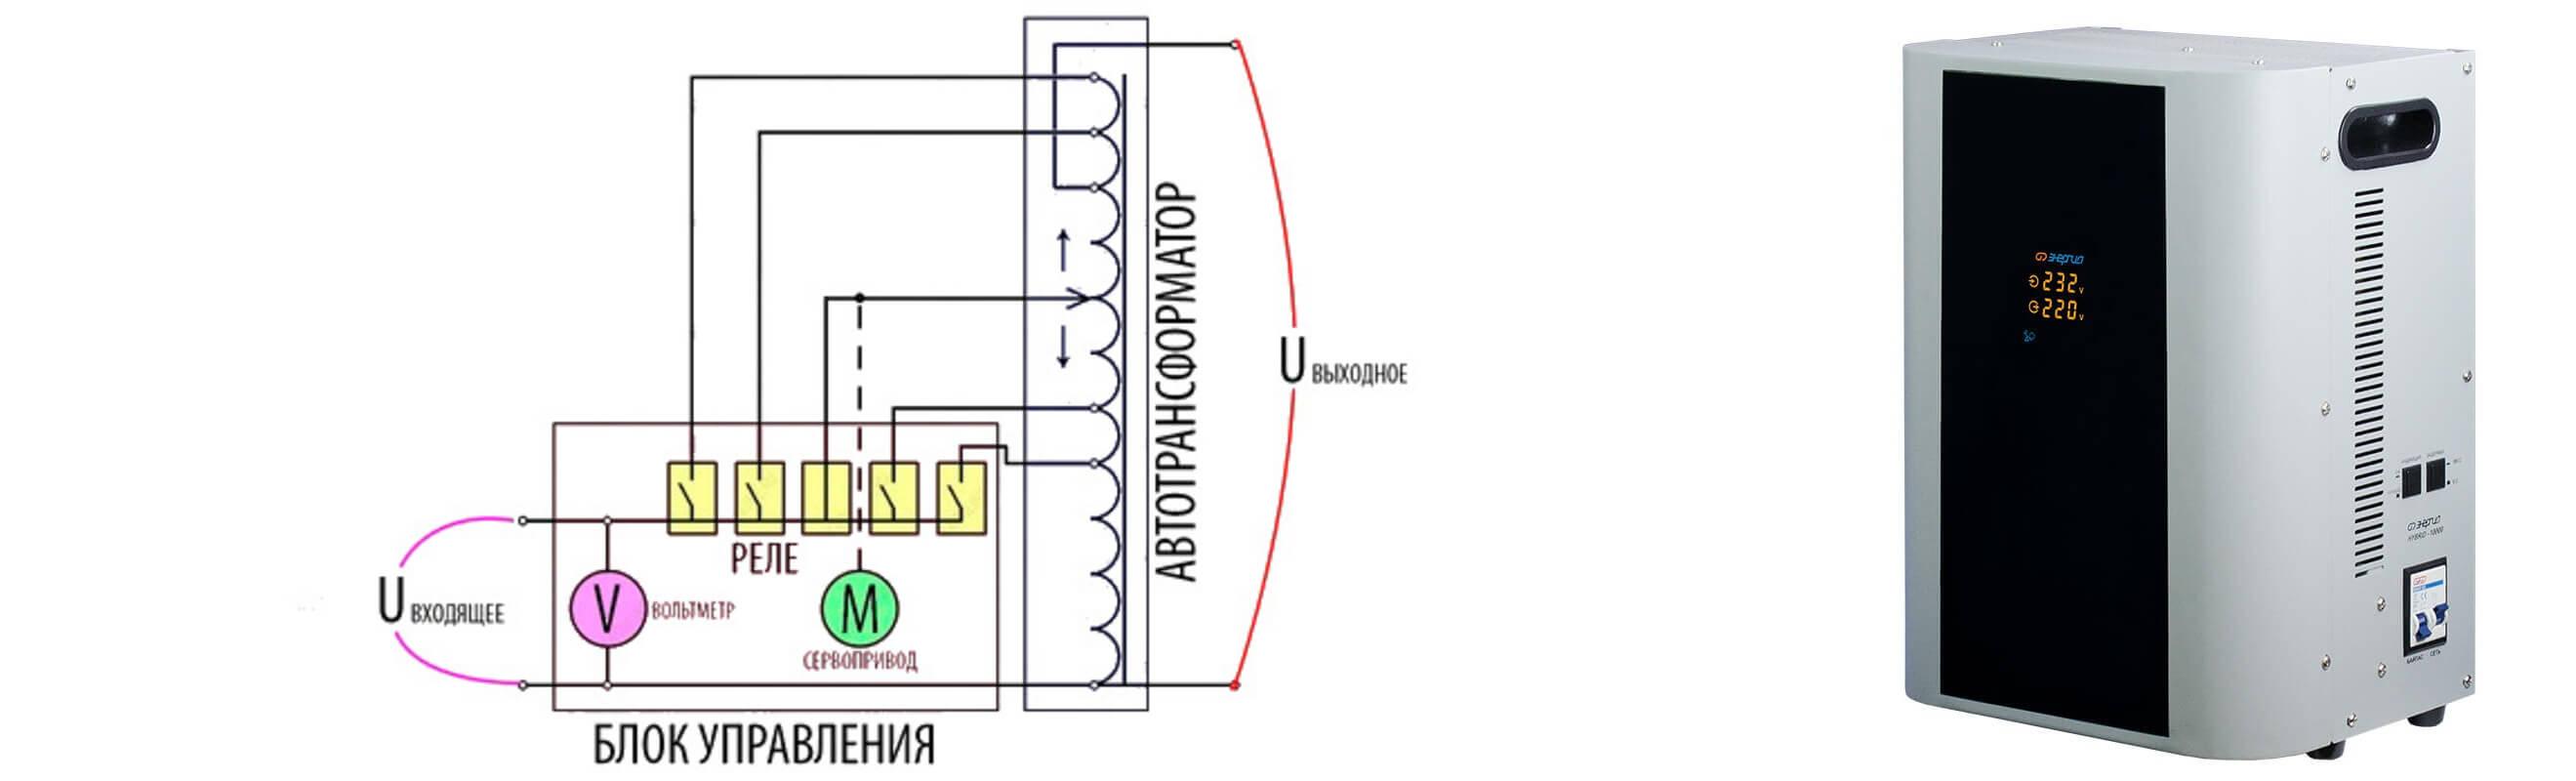 Схема работы гибридного стабилизатора Энергия